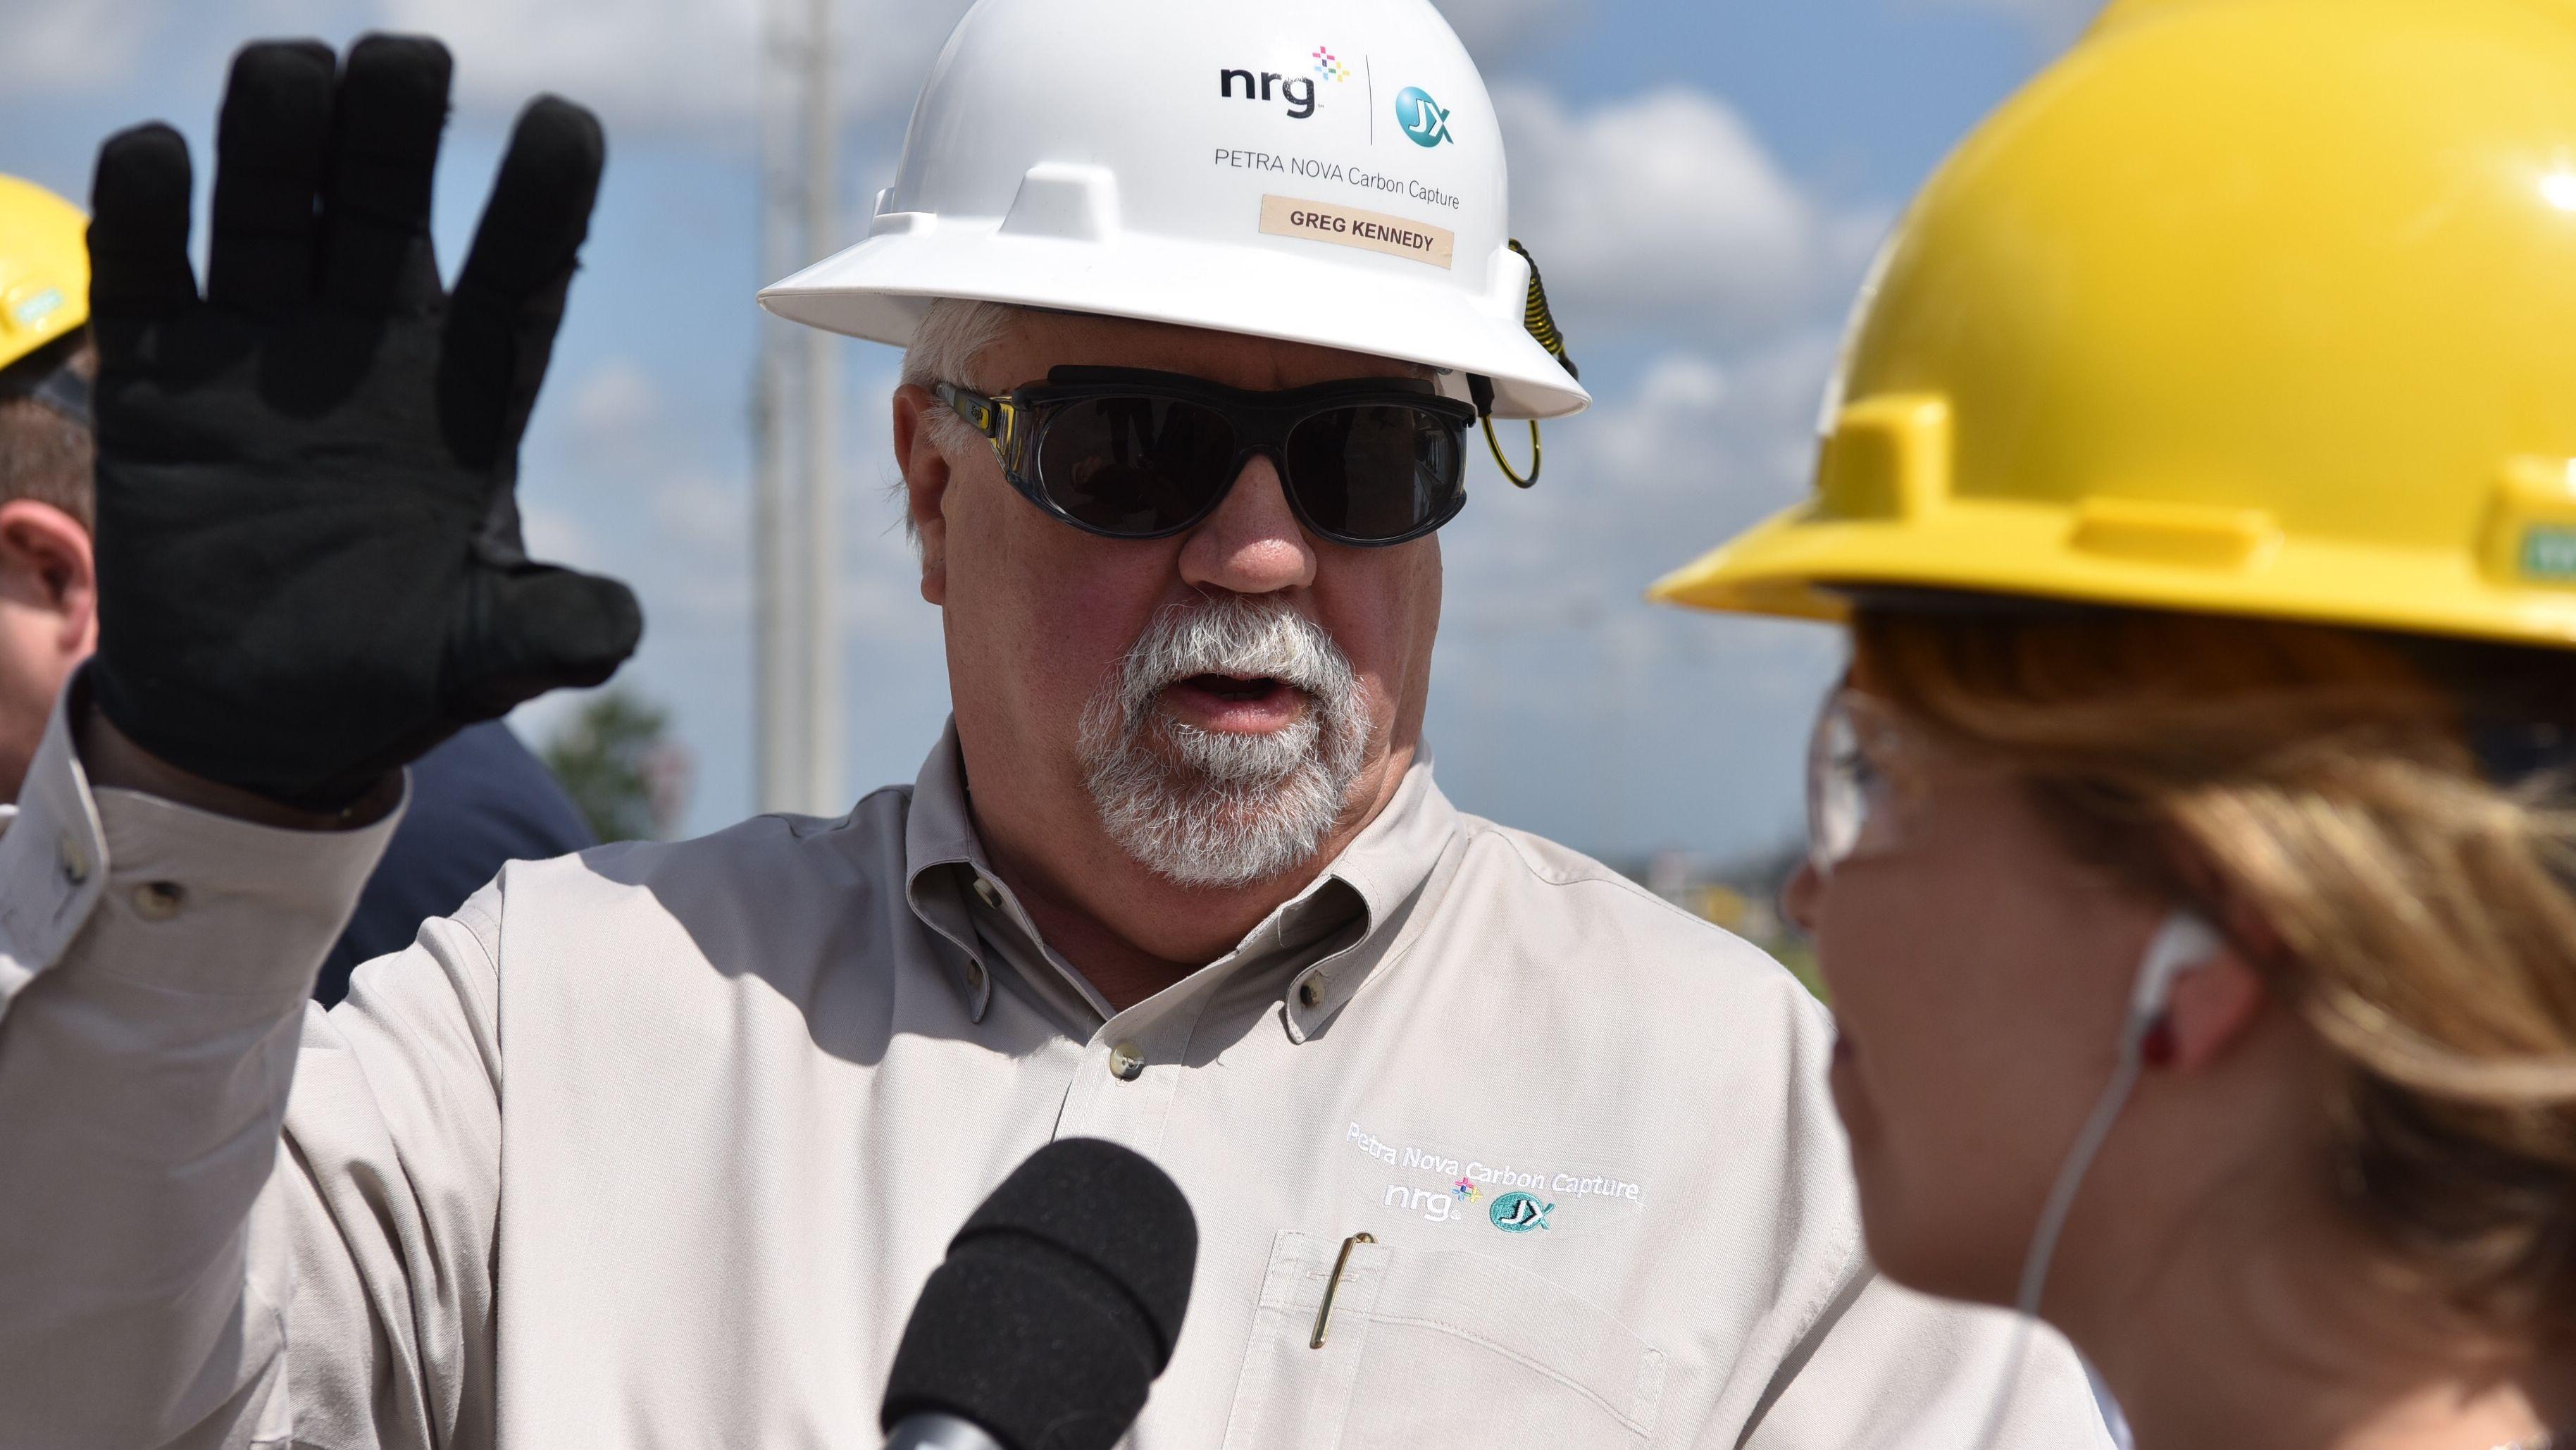 Produktionsleiter Robert Pates von Freeport LNG im Gespräch mit Reporterin Bettina Meier.